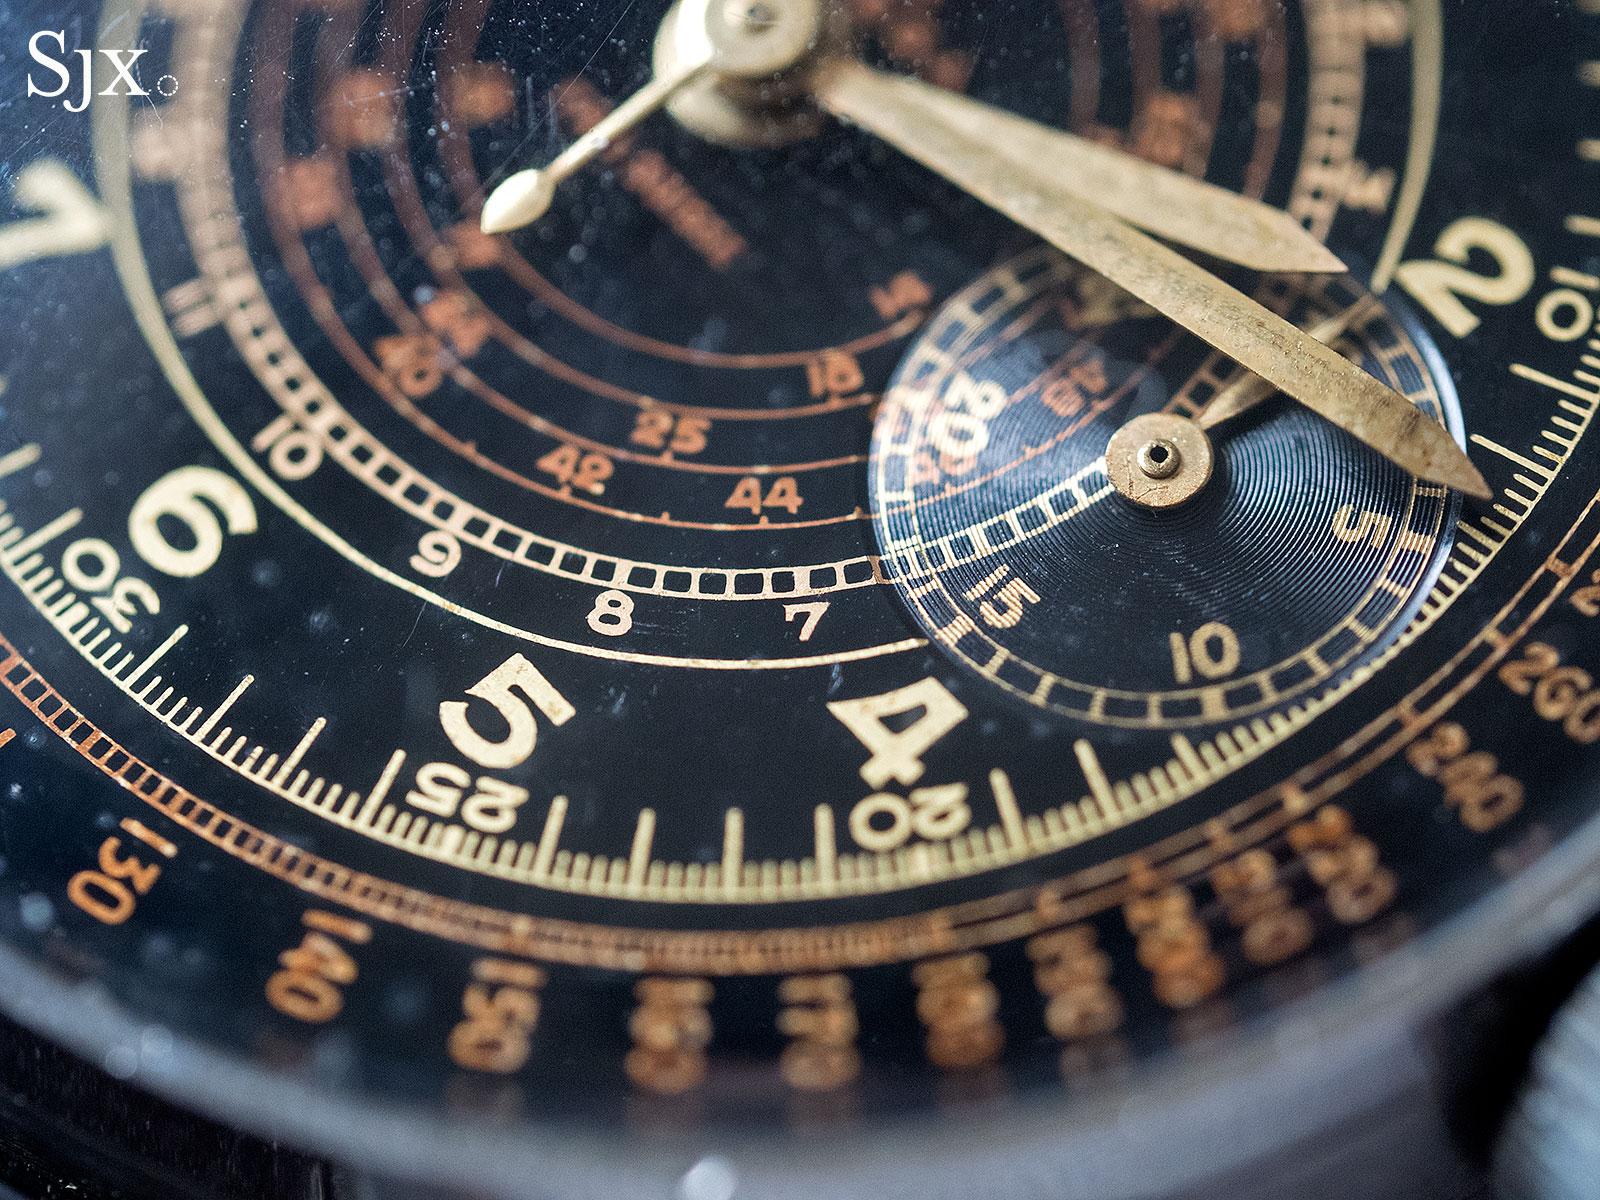 Omega chronograph CK 2393-3